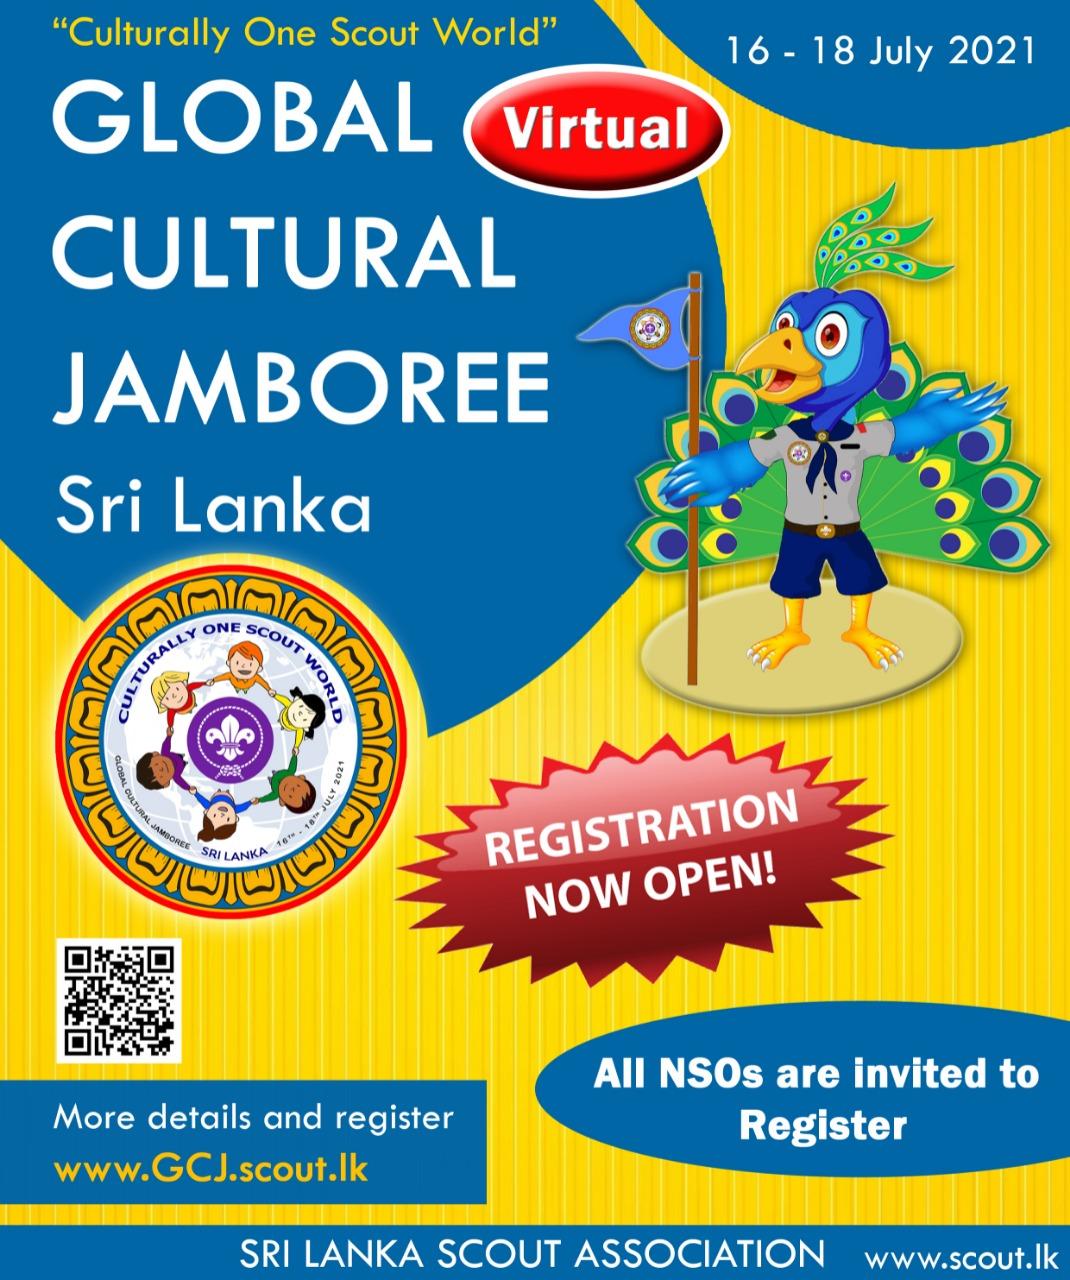 GLOBAL CULTURAL JAMBOREE (Virtual)